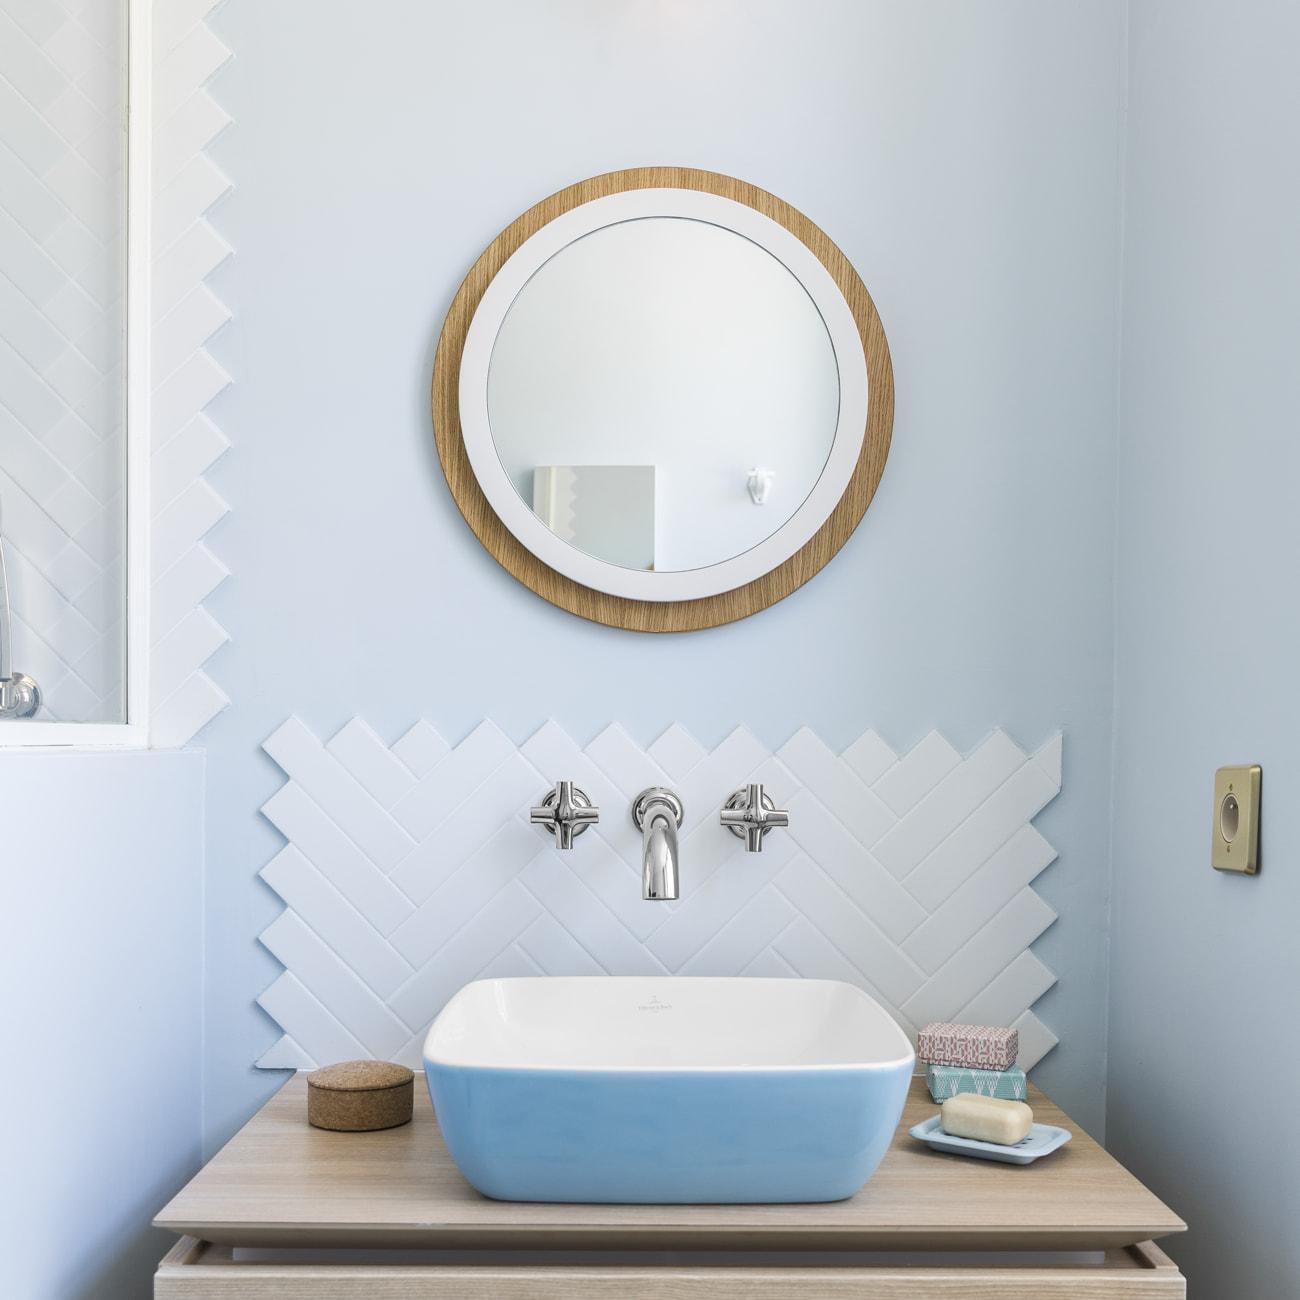 furniture-remix-mirror-kagami-the-hansen-family-4